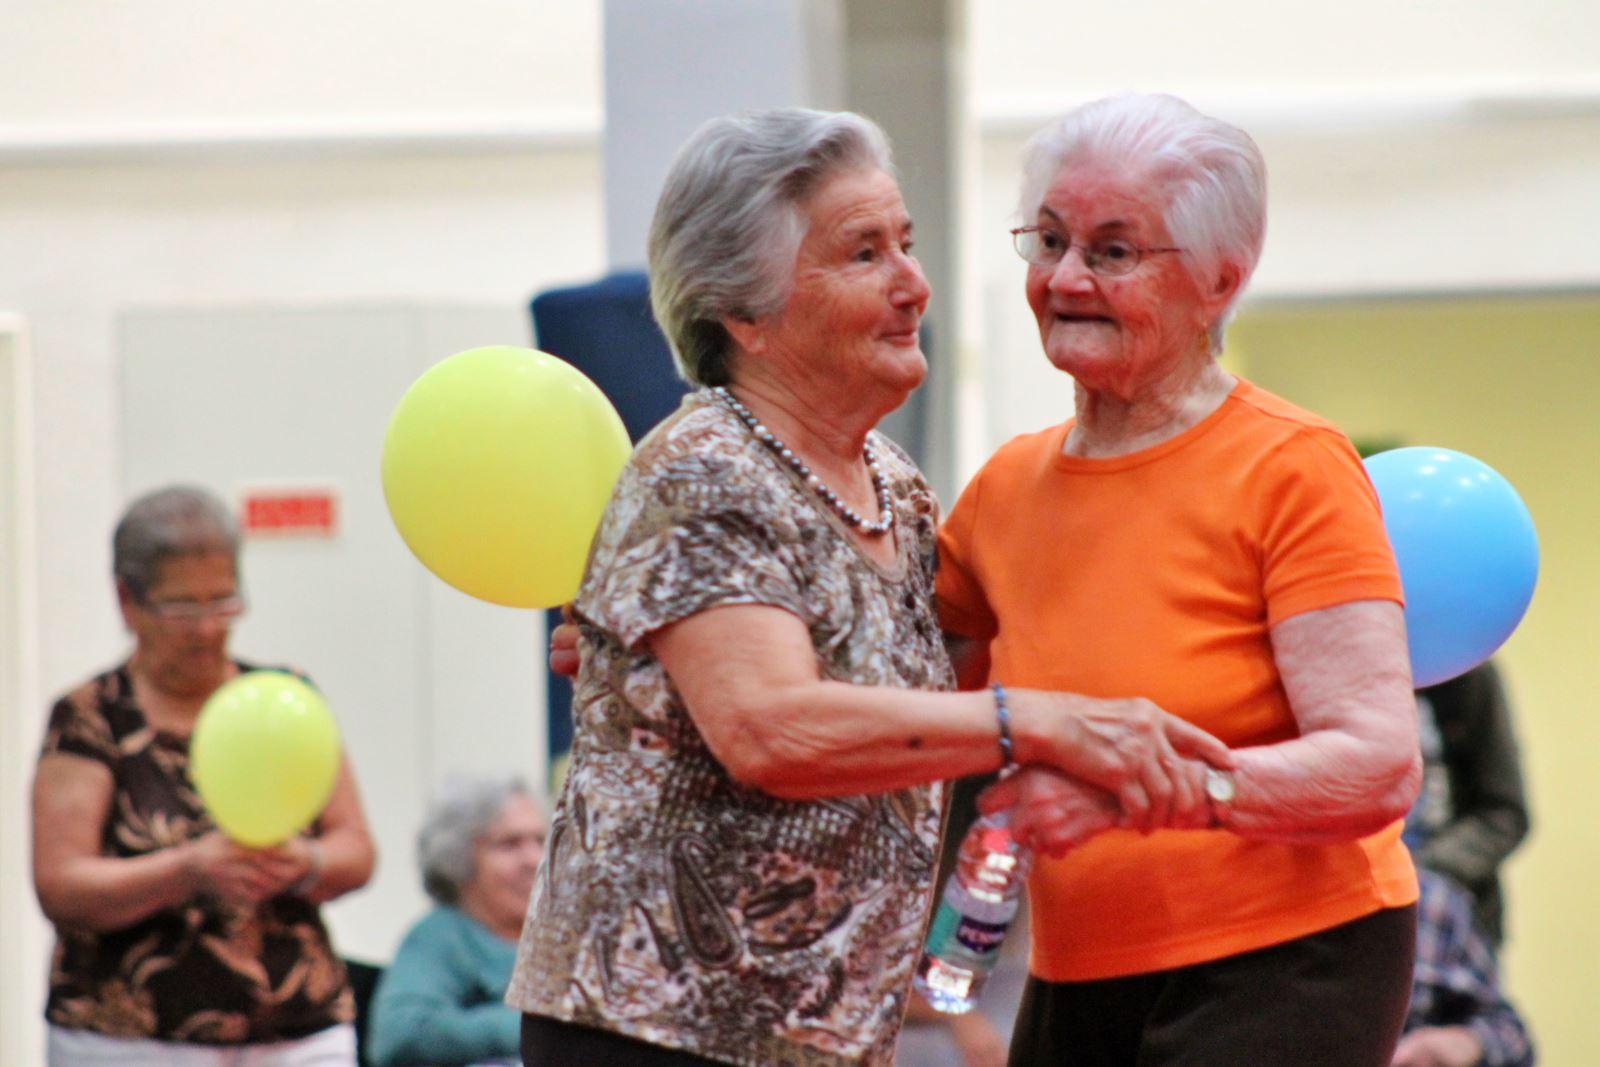 Vila Viçosa | Motivar a população a refletir sobre a velhice